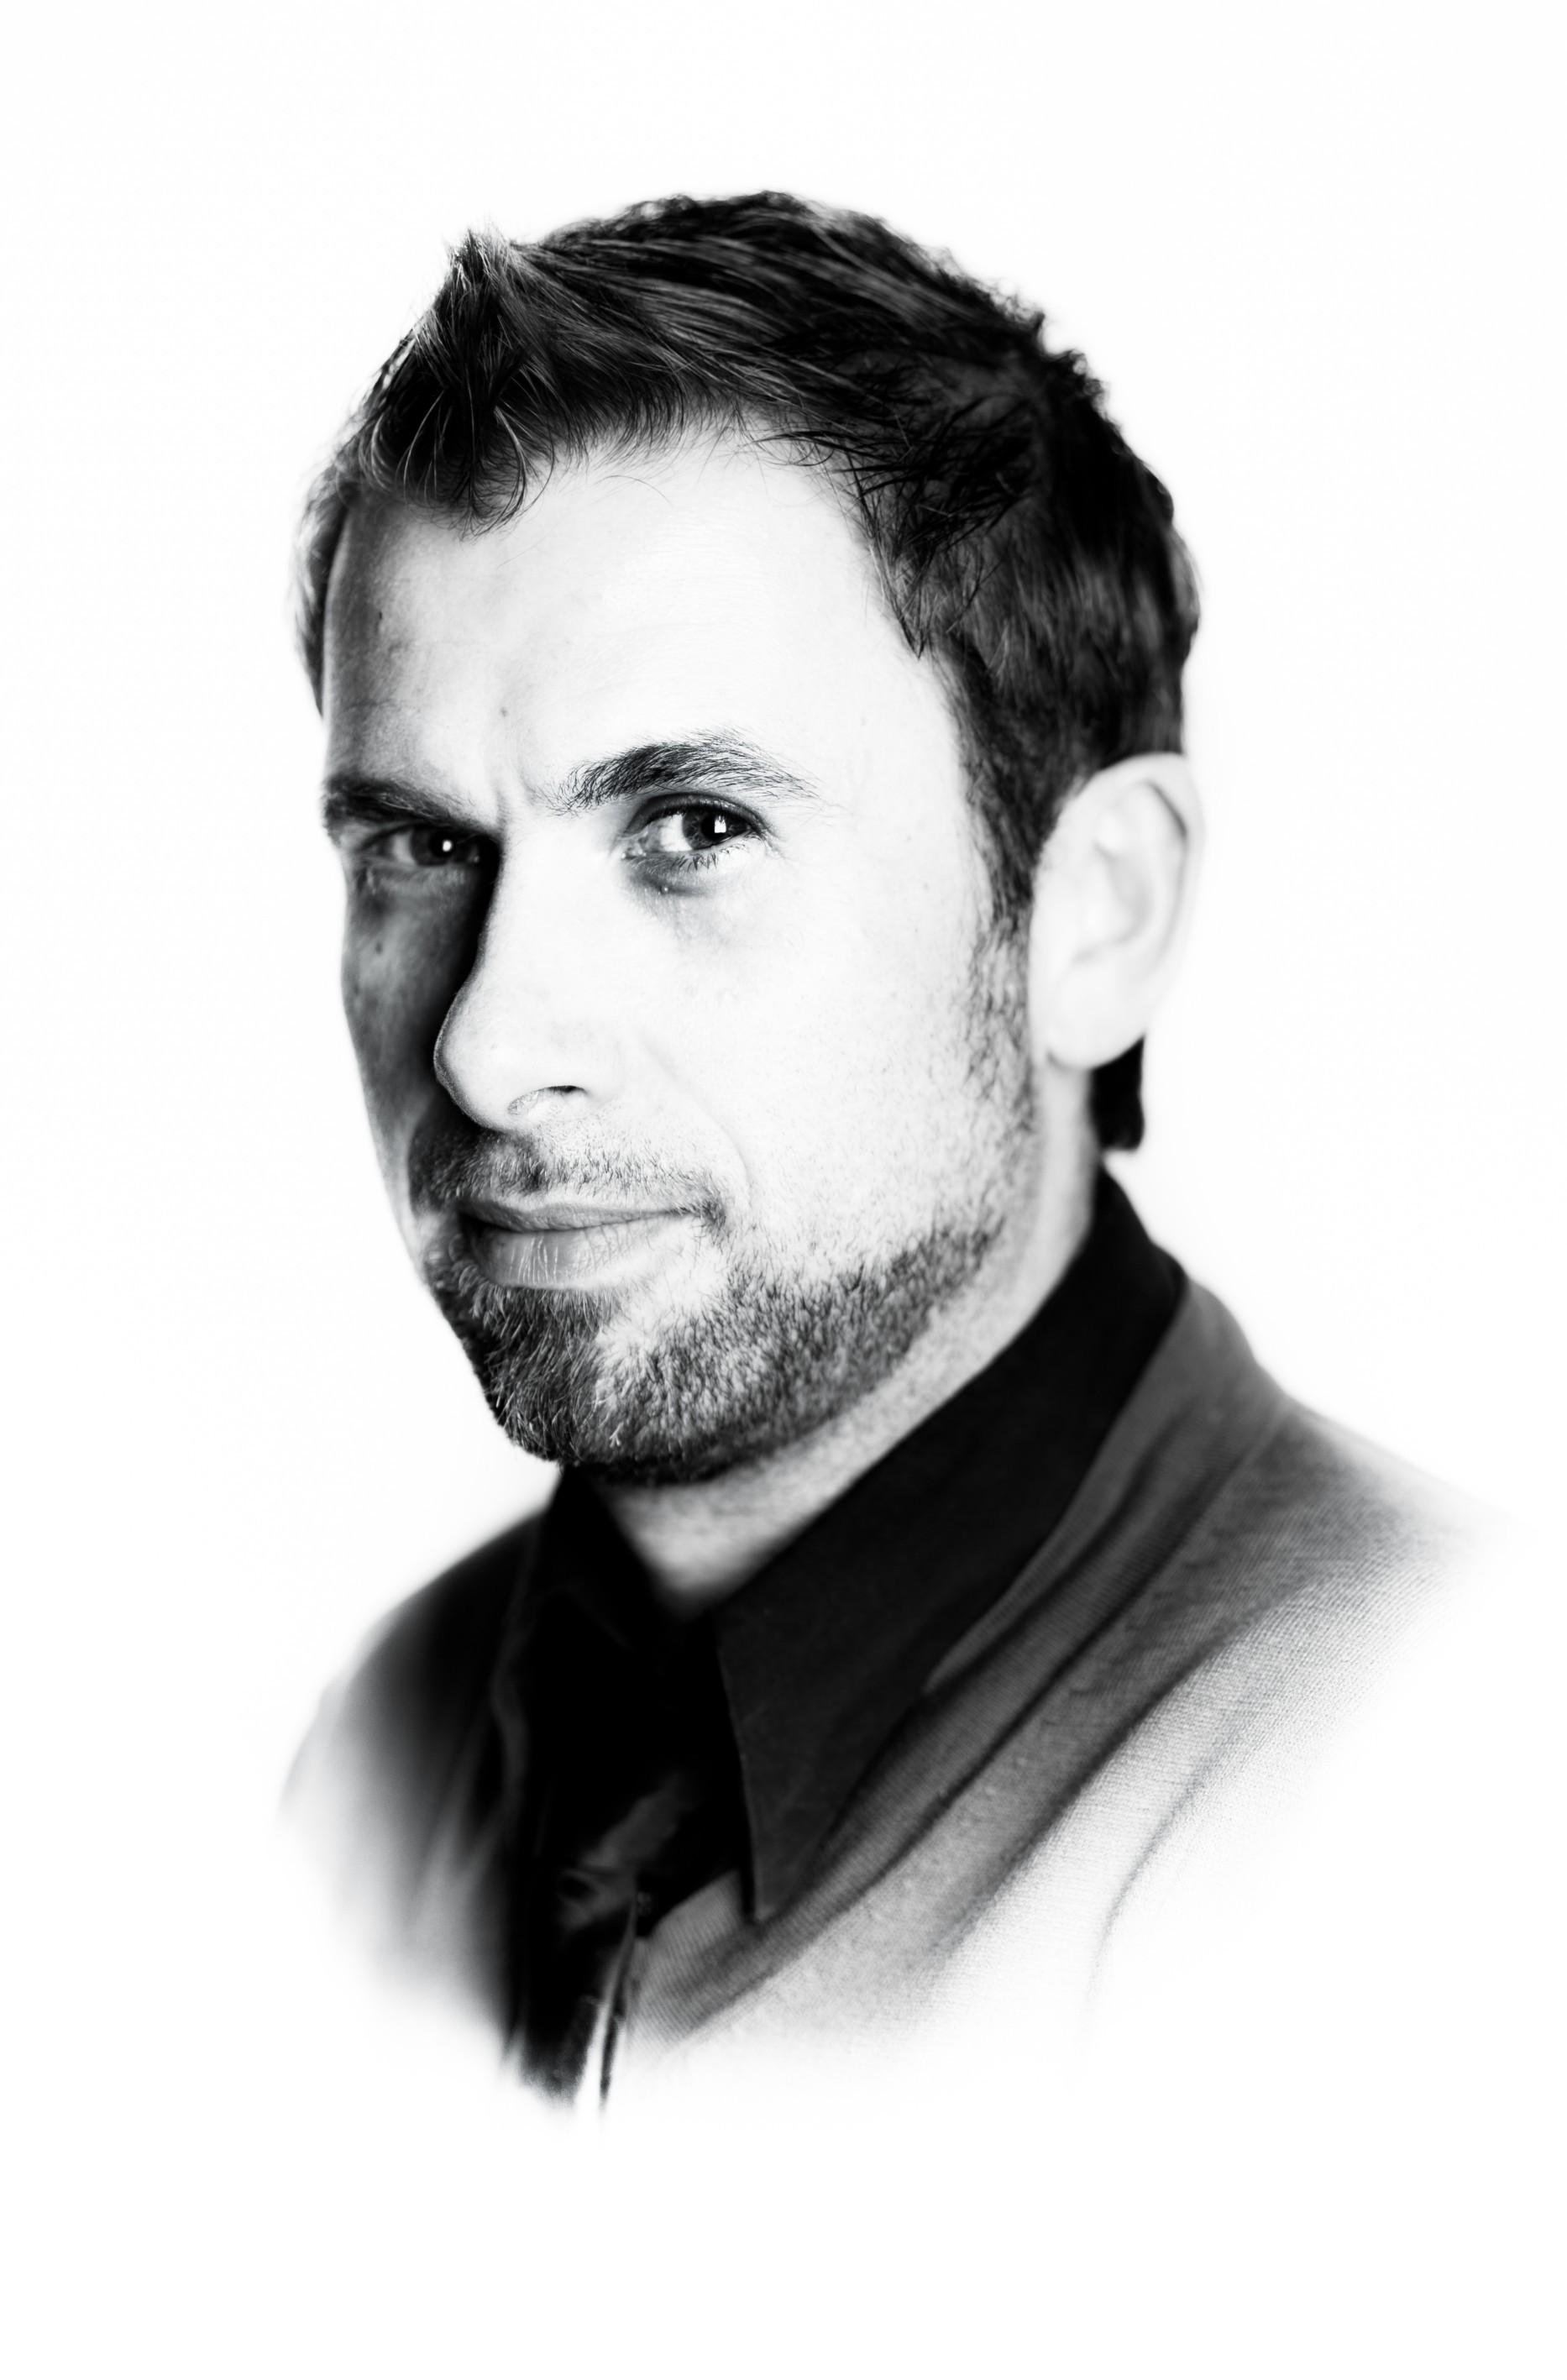 Steve Cerisier